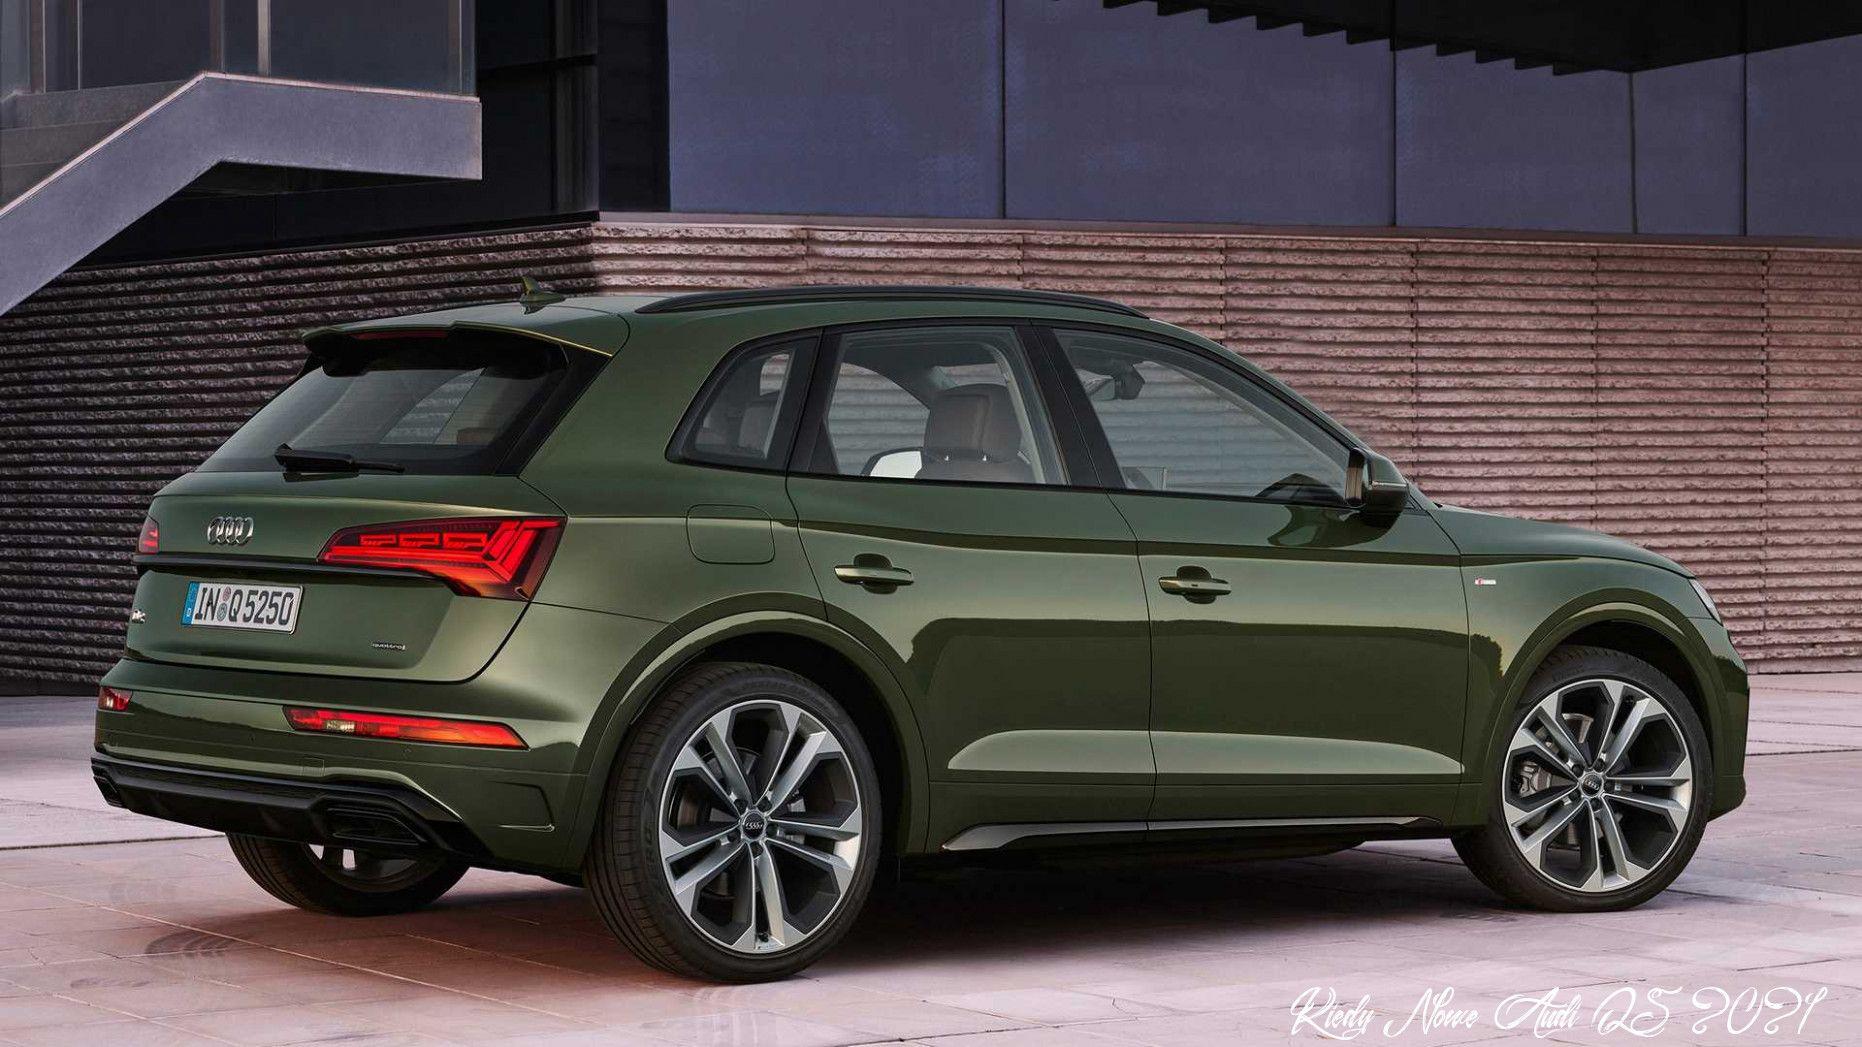 Kiedy Nowe Audi Q5 2021 Exterior Audi Q5 Audi New Cars